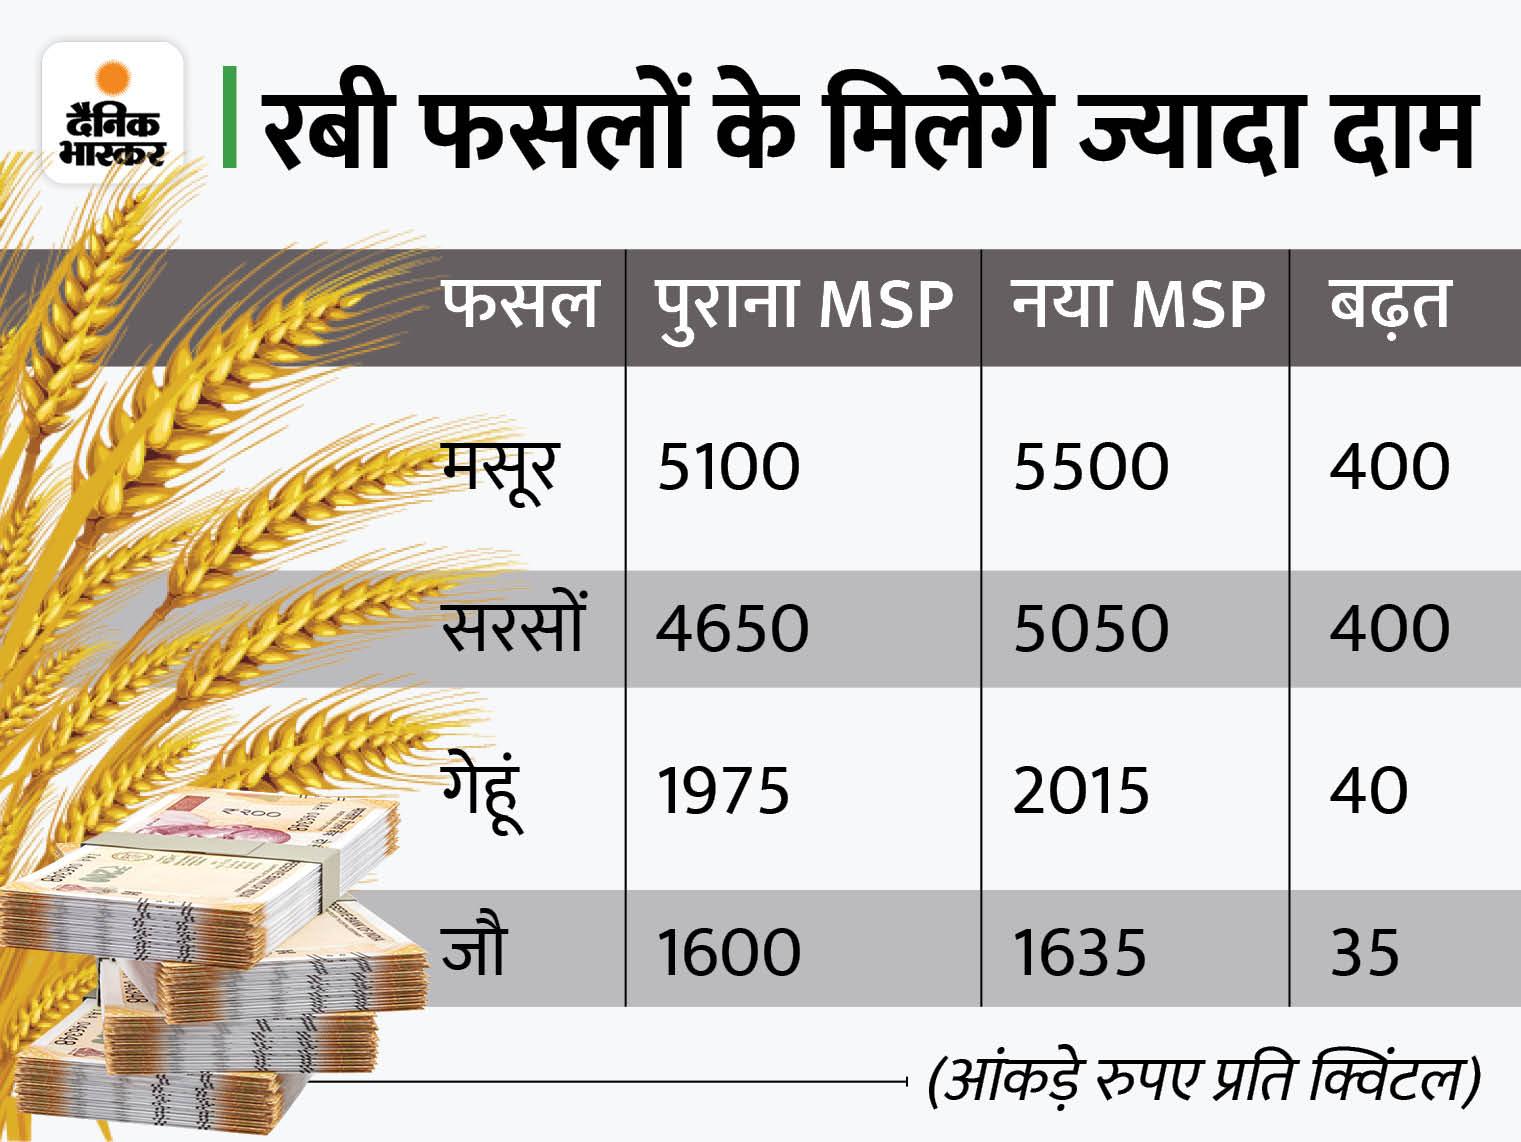 मसूर का MSP 400 और गेहूं का 40 रुपए प्रति क्विंटल बढ़ाया, 10683 करोड़ की टेक्सटाइल PLI स्कीम को भी मंजूरी|बिजनेस,Business - Dainik Bhaskar